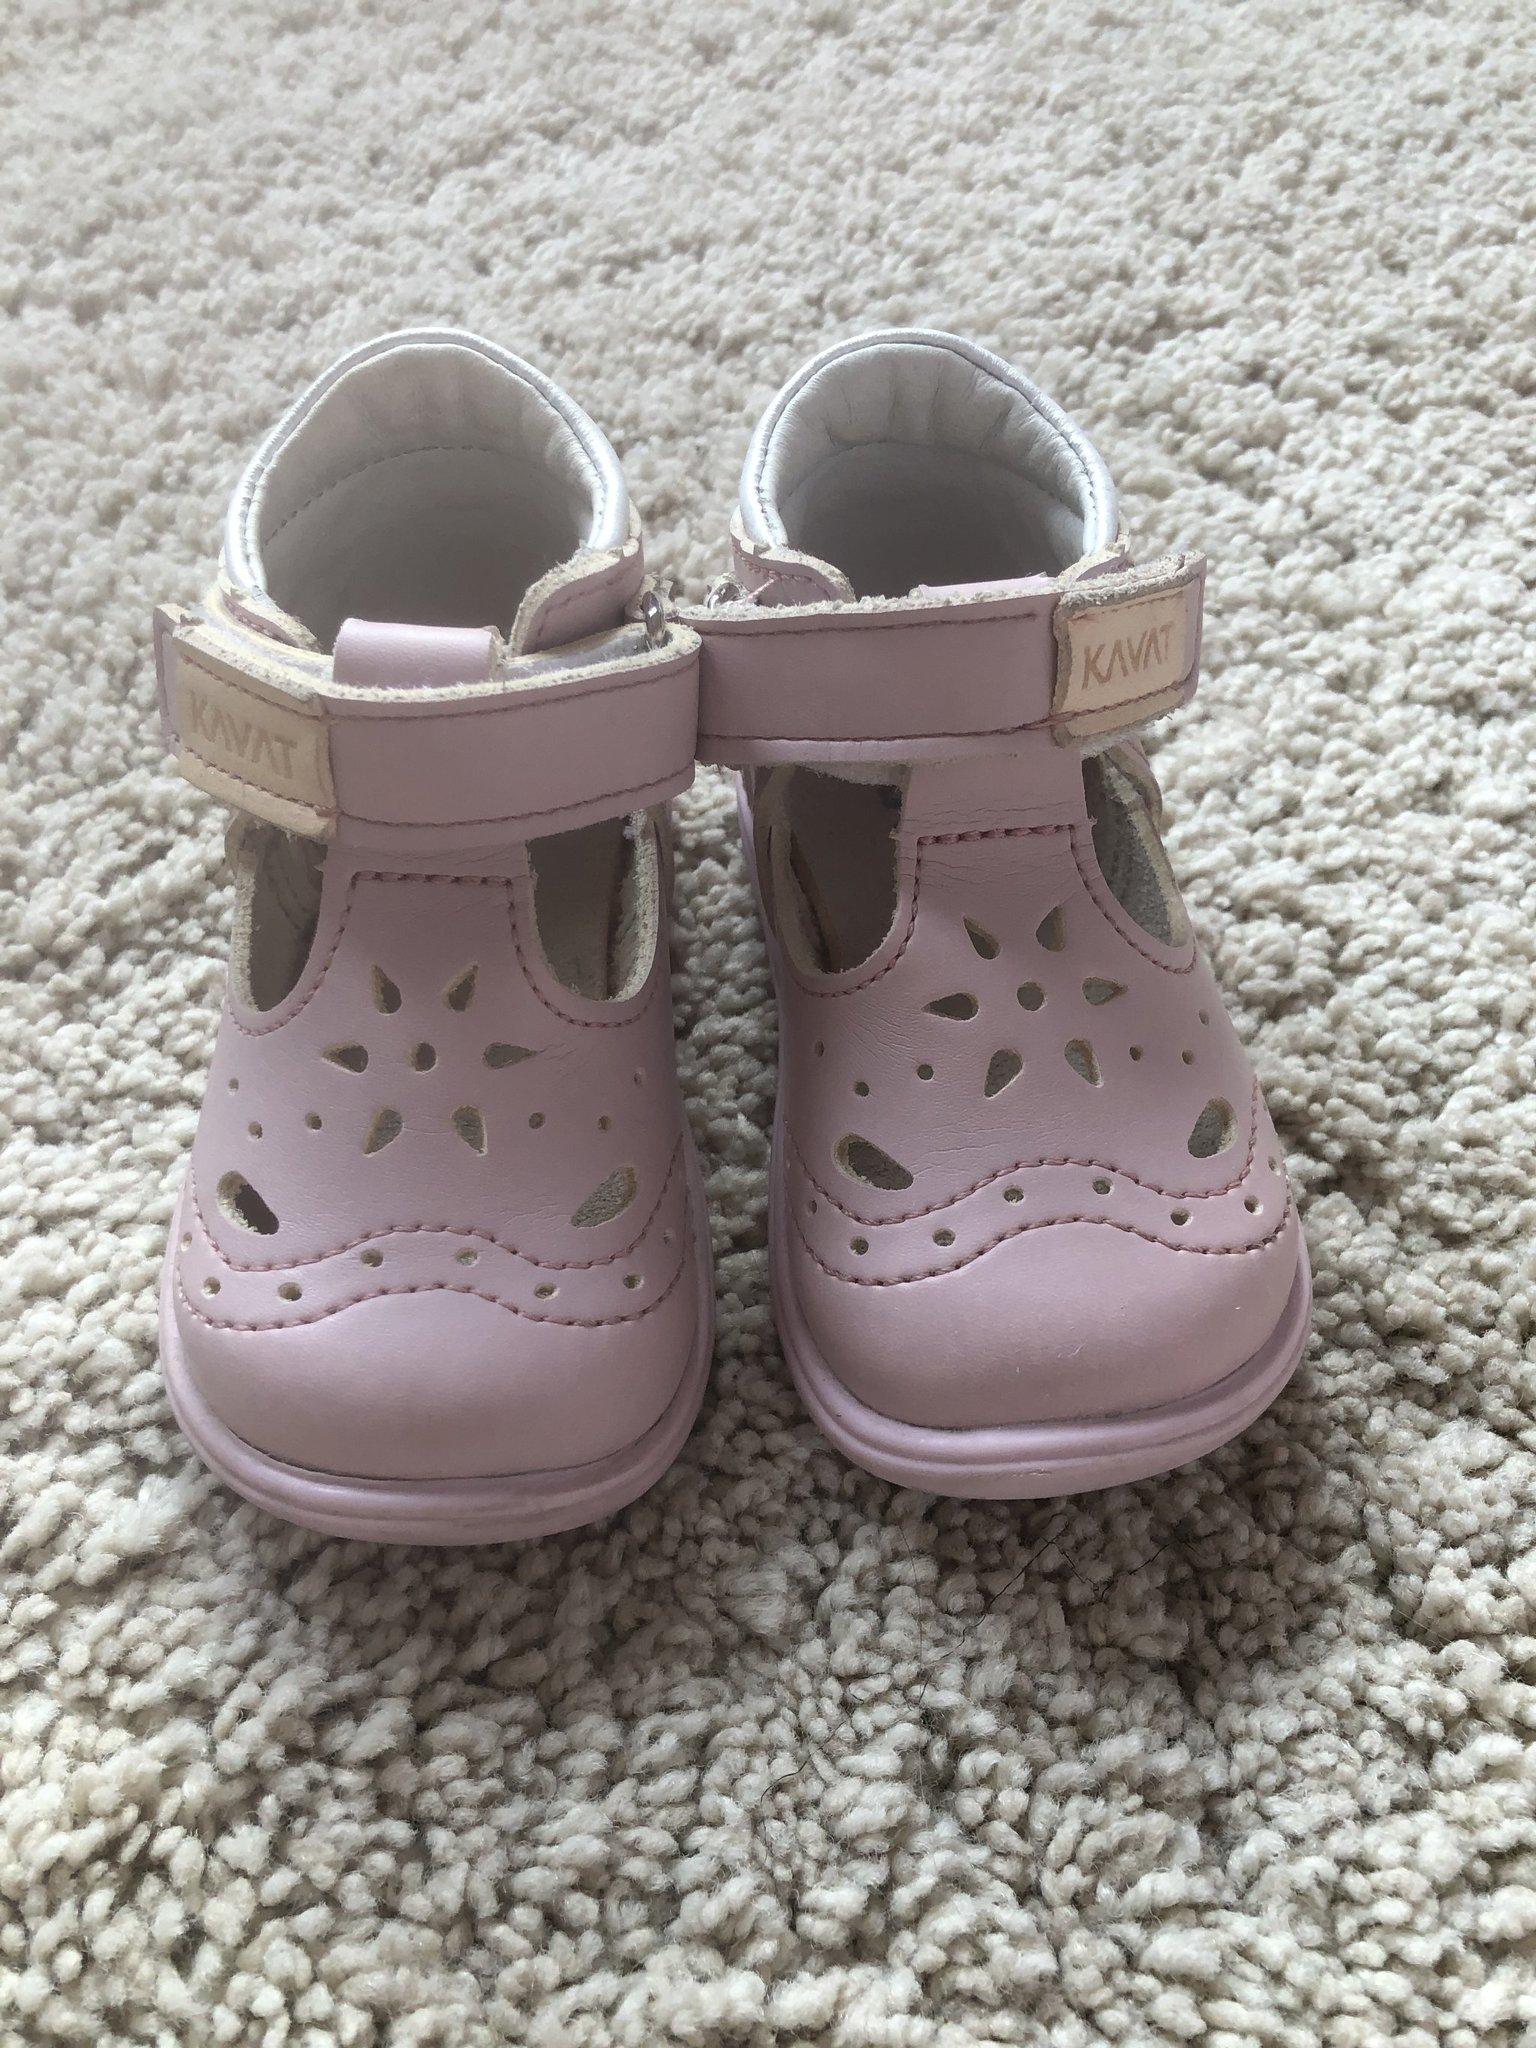 0f6733da07e Rosa Ängskär XC sandaler från Kavat stl 19 (352297249) ᐈ Köp på Tradera